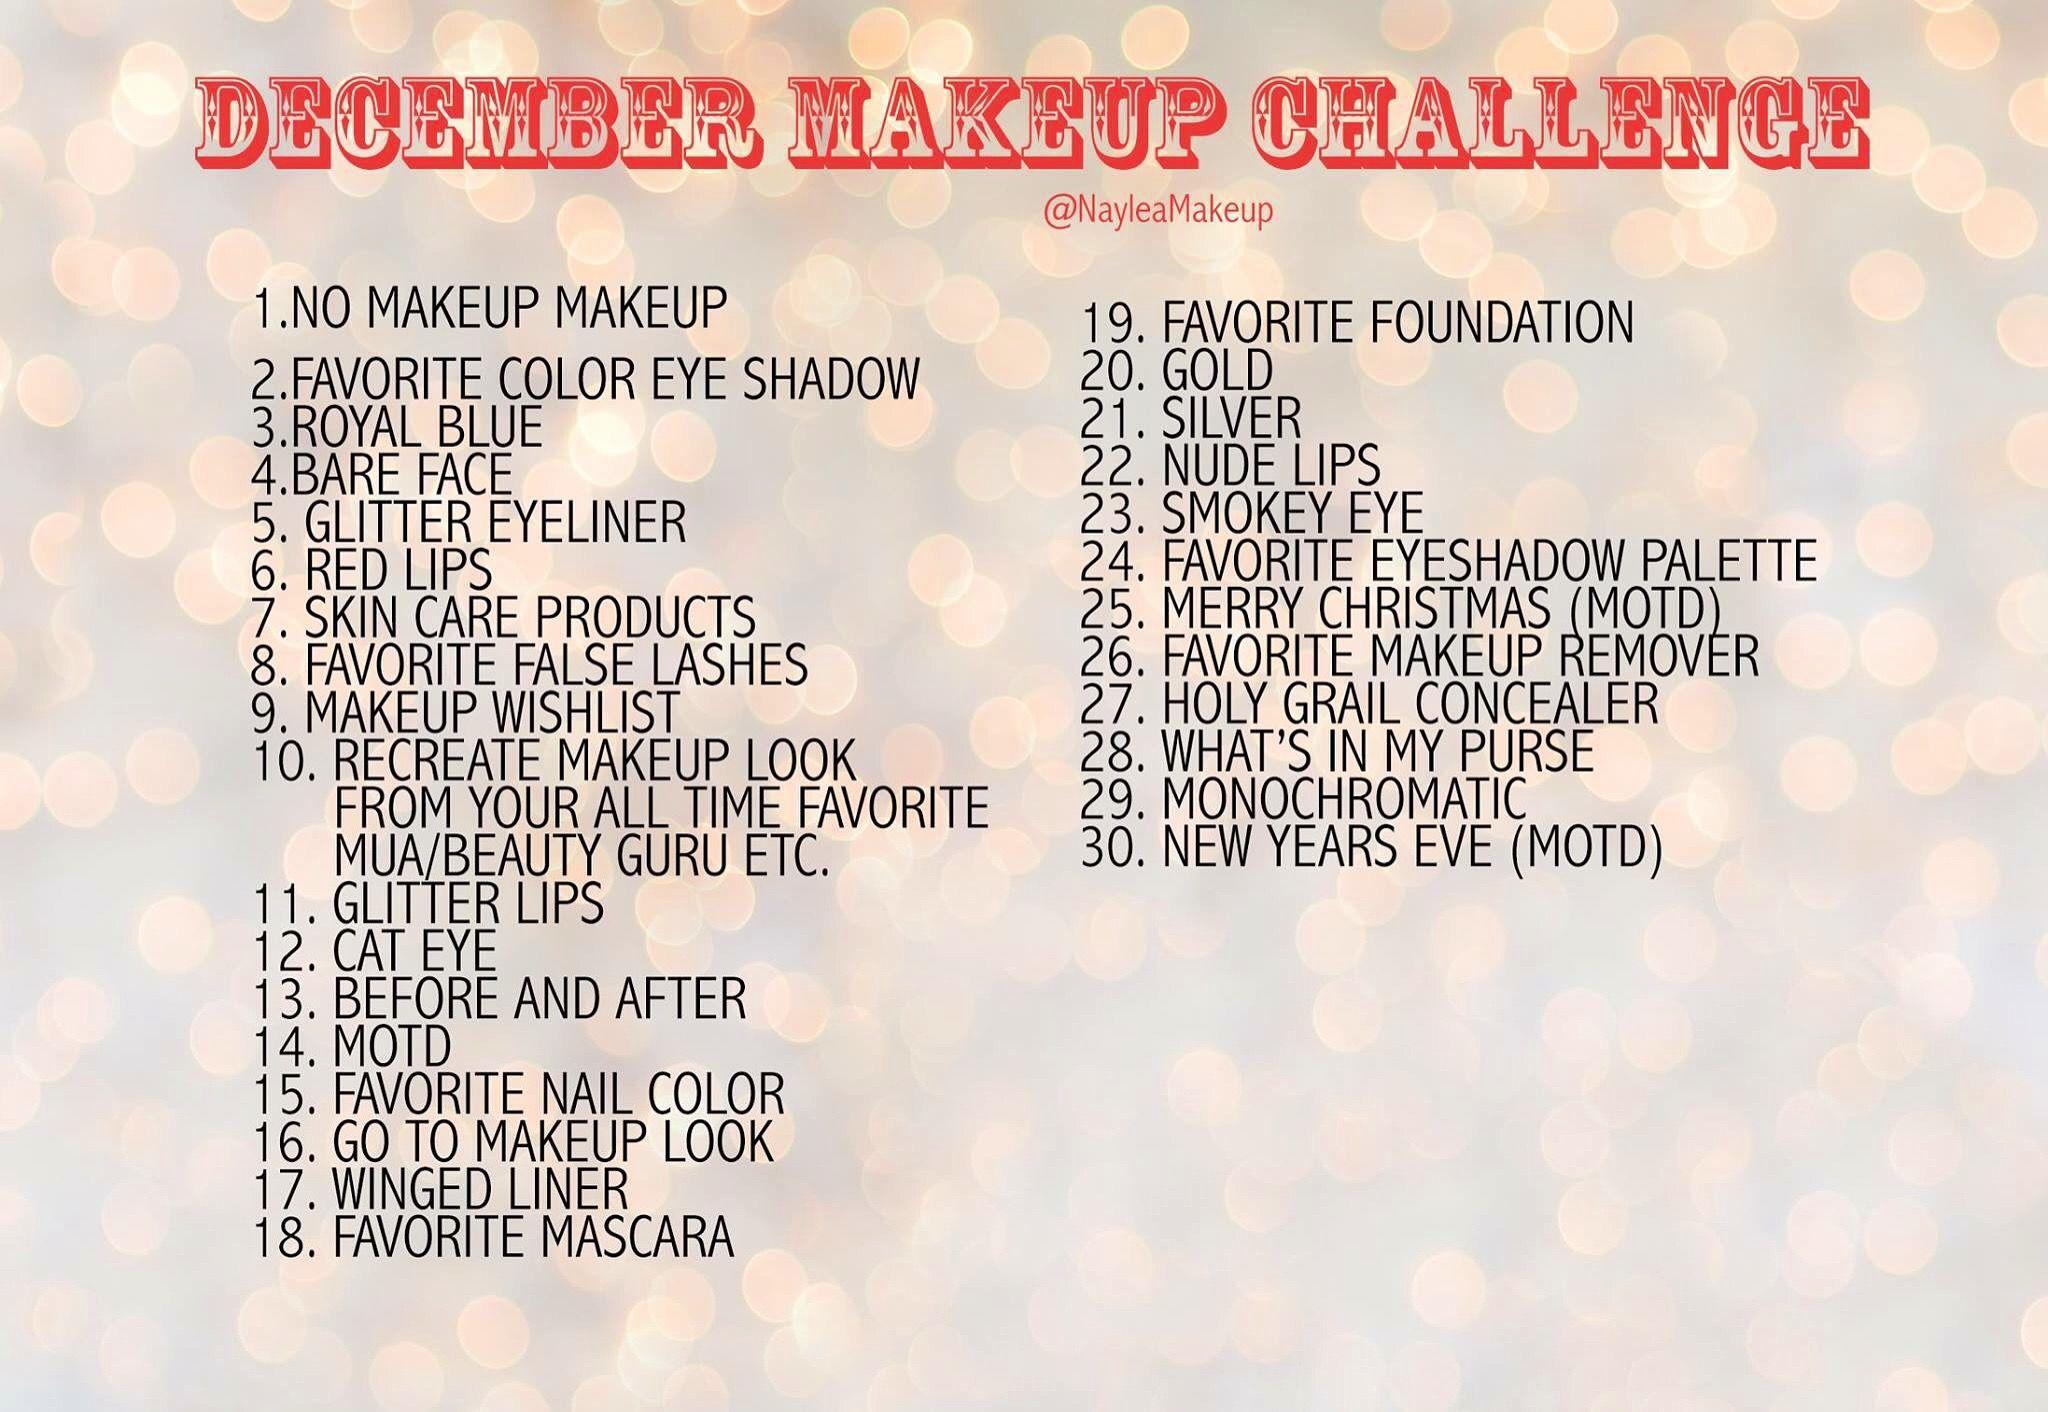 December Makeup Challenge Makeup Makeup Challenge 30 Day Challenge Makeup Challenges Favorite Makeup Products Hair Challenge